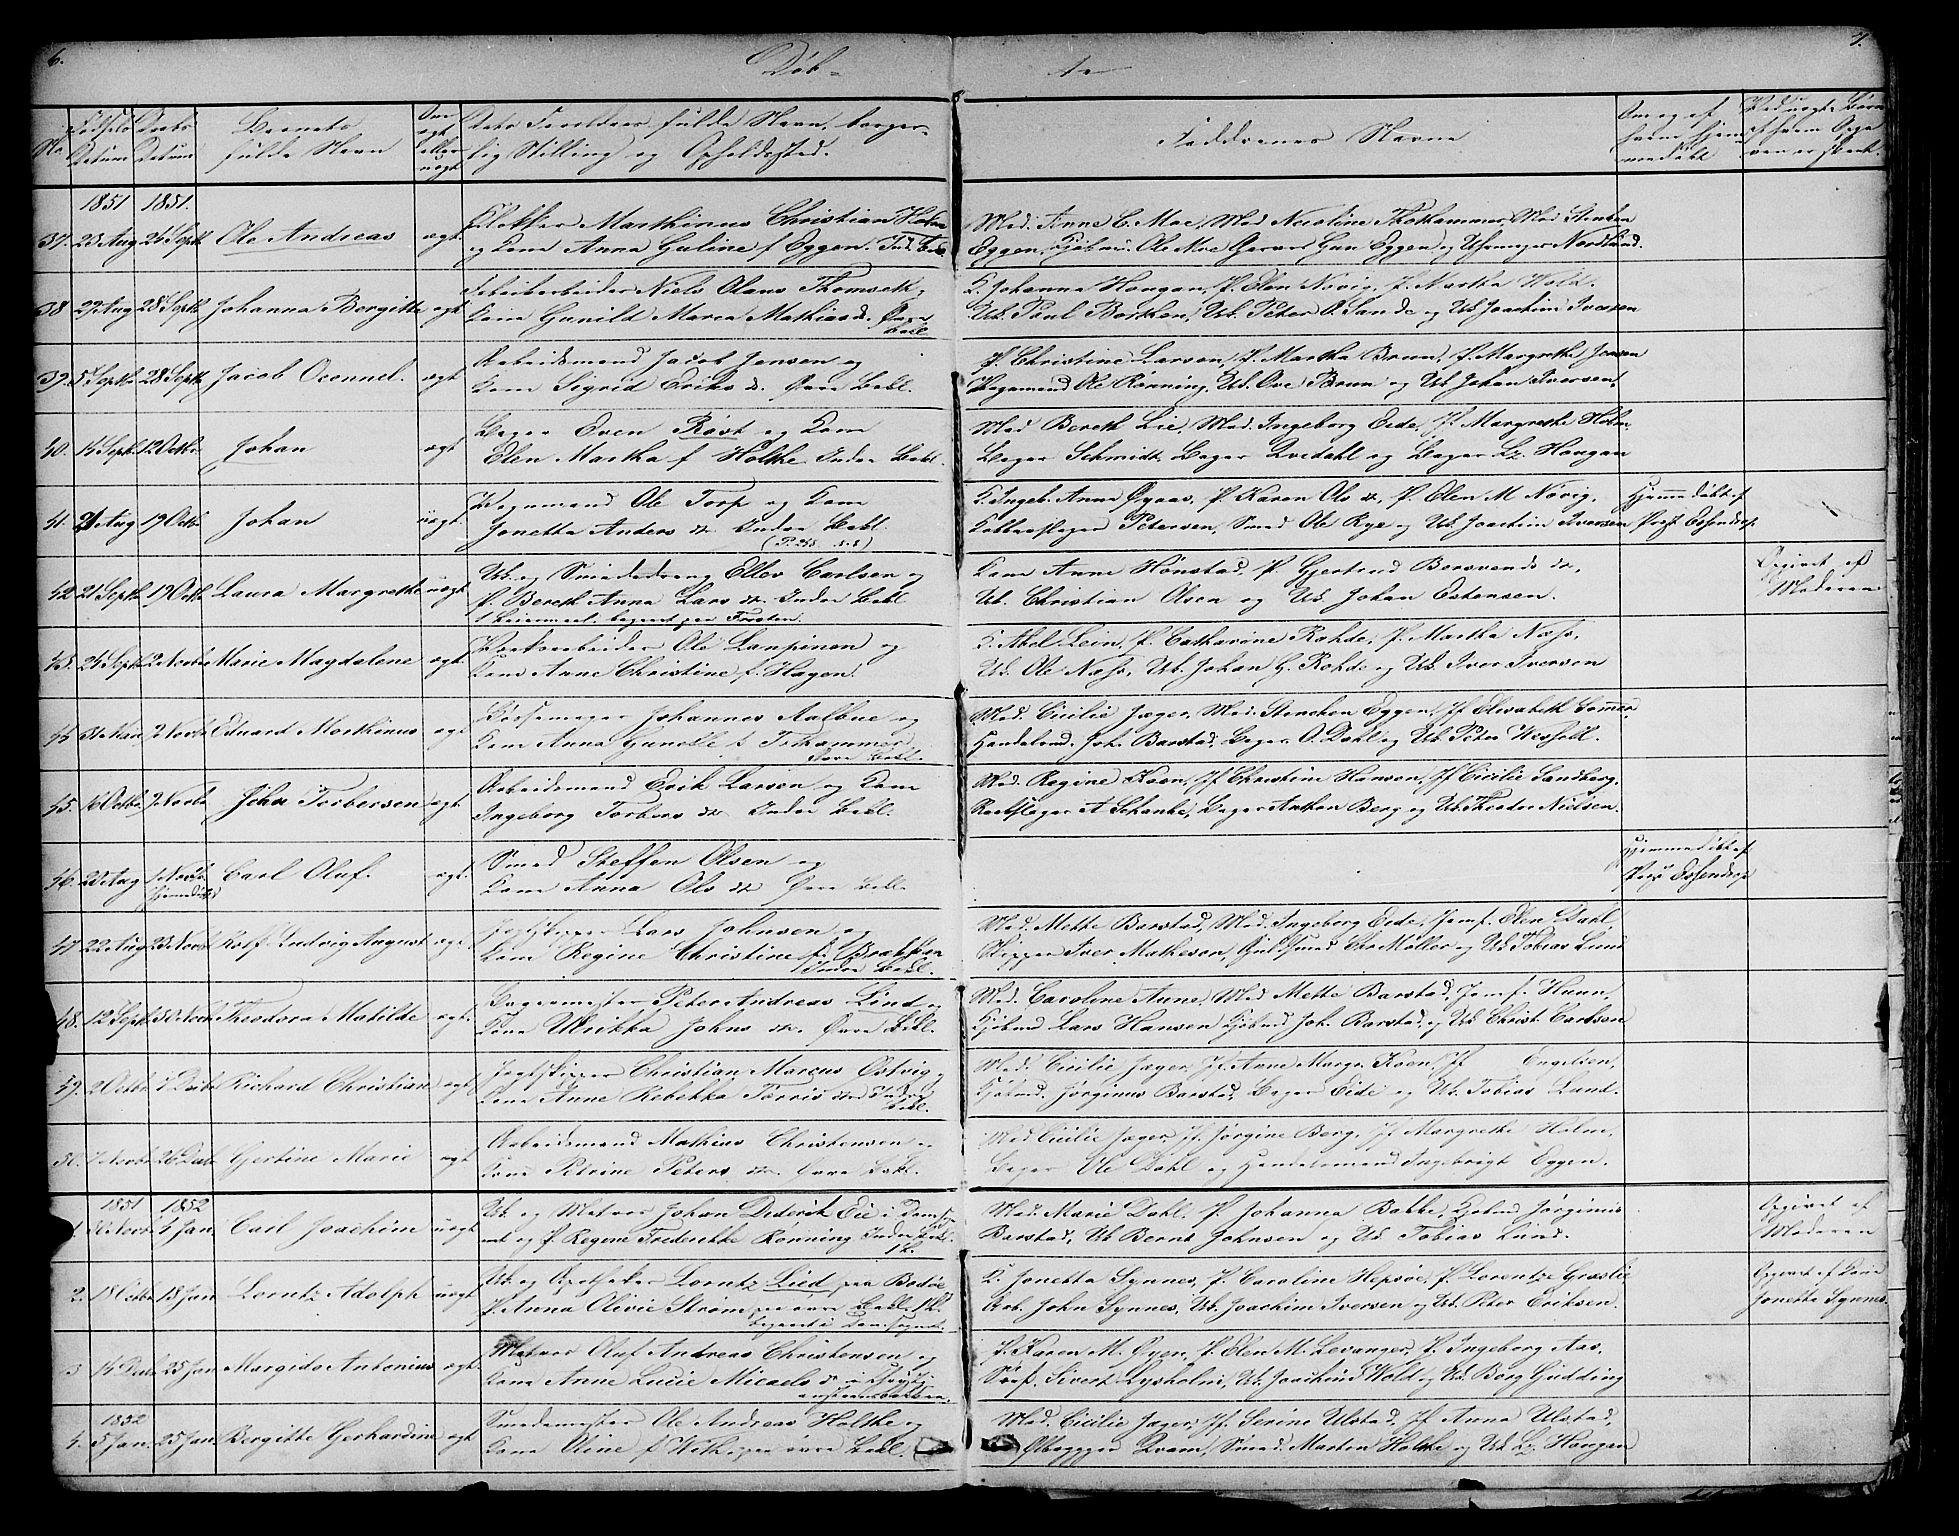 SAT, Ministerialprotokoller, klokkerbøker og fødselsregistre - Sør-Trøndelag, 604/L0219: Klokkerbok nr. 604C02, 1851-1869, s. 6-7